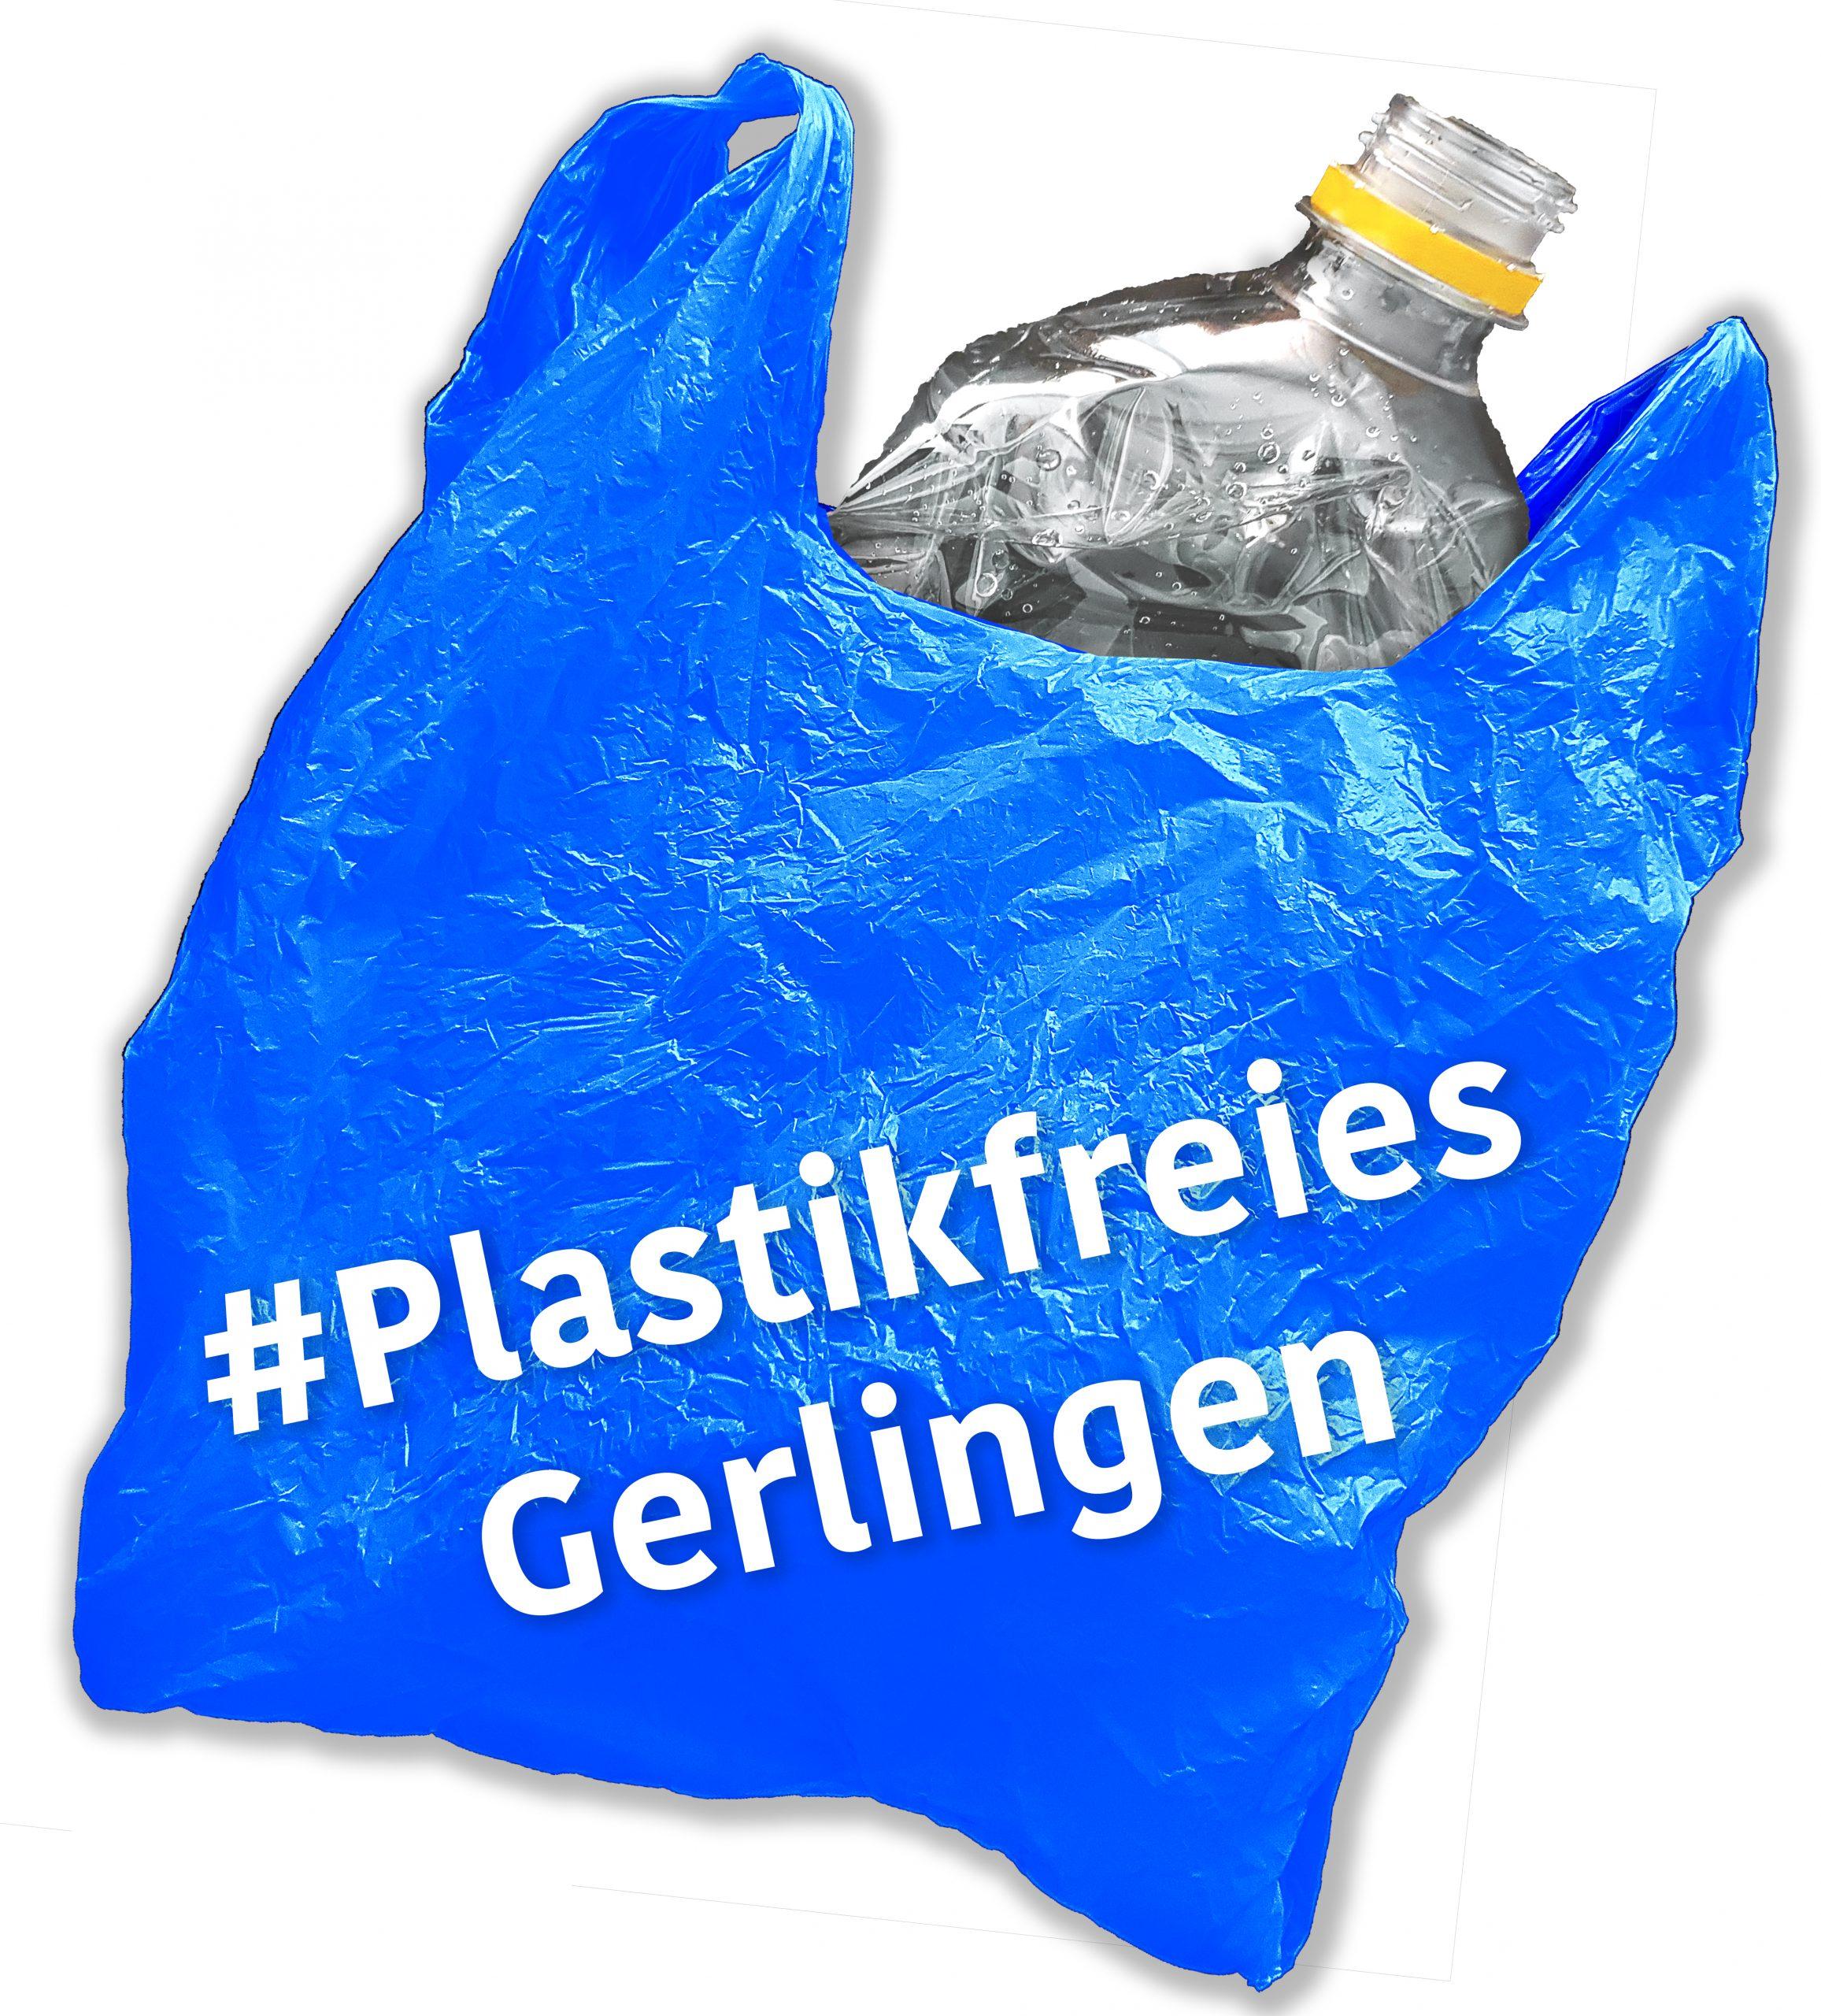 Plastikfreies Gerlingen